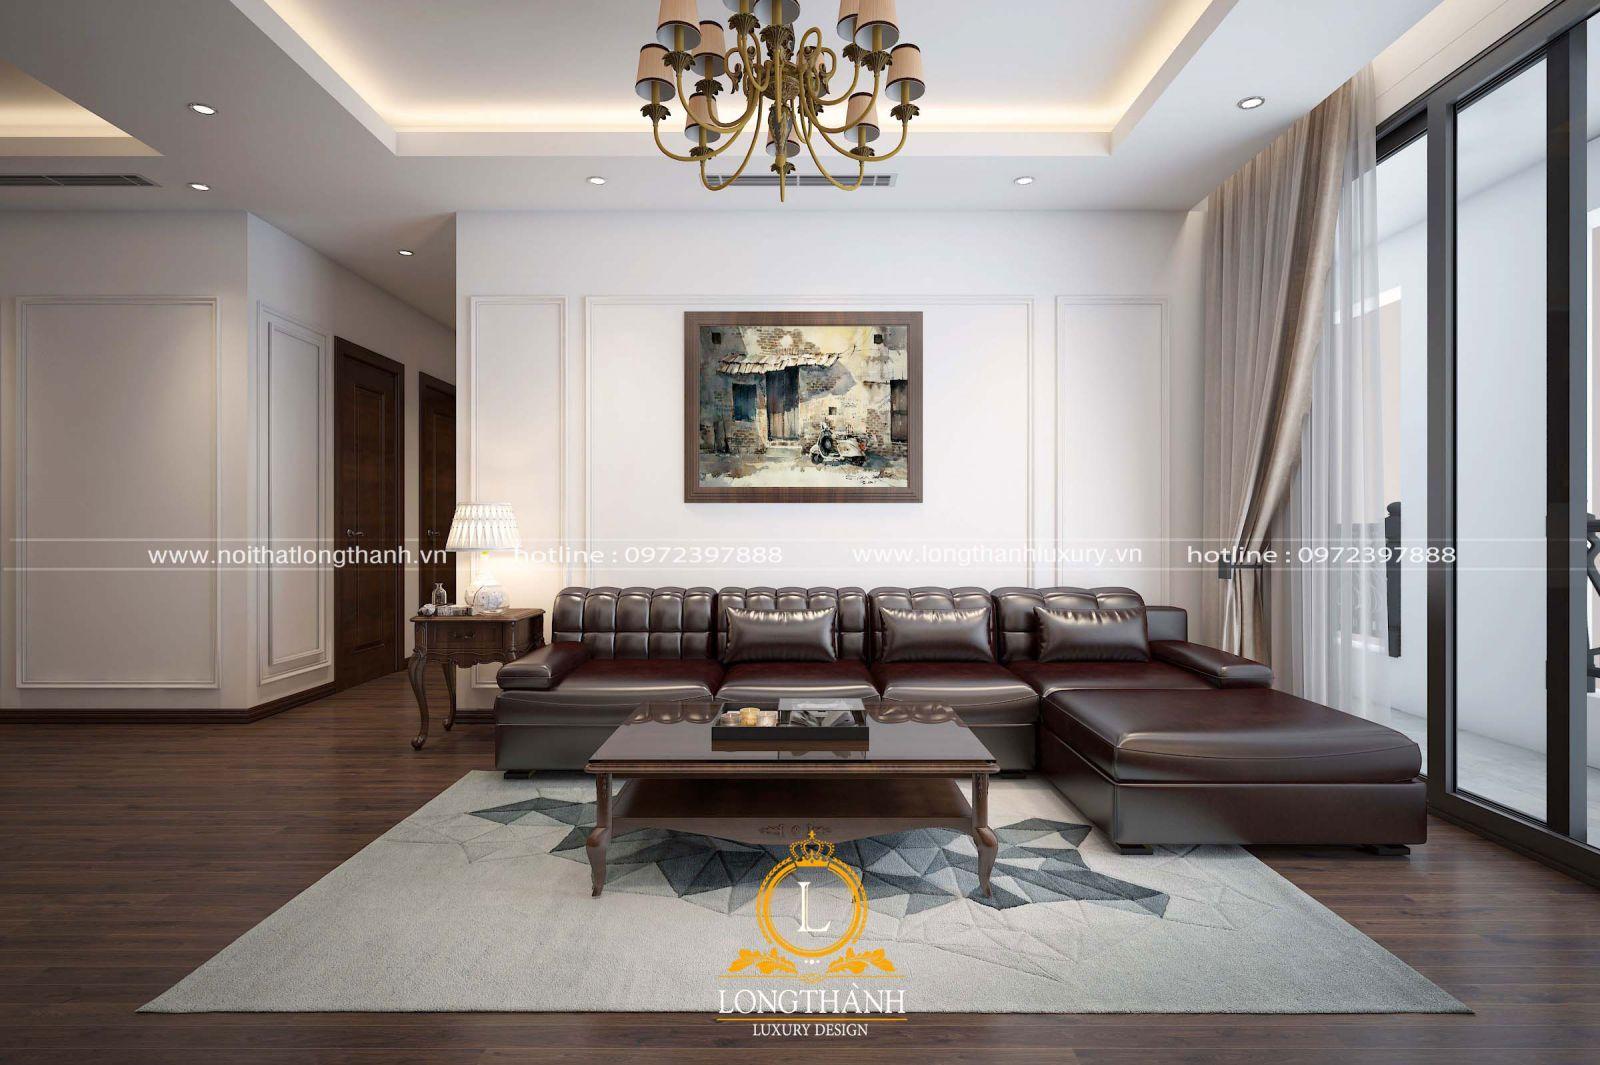 Sofa da cho phòng khách chung cư hiện đại